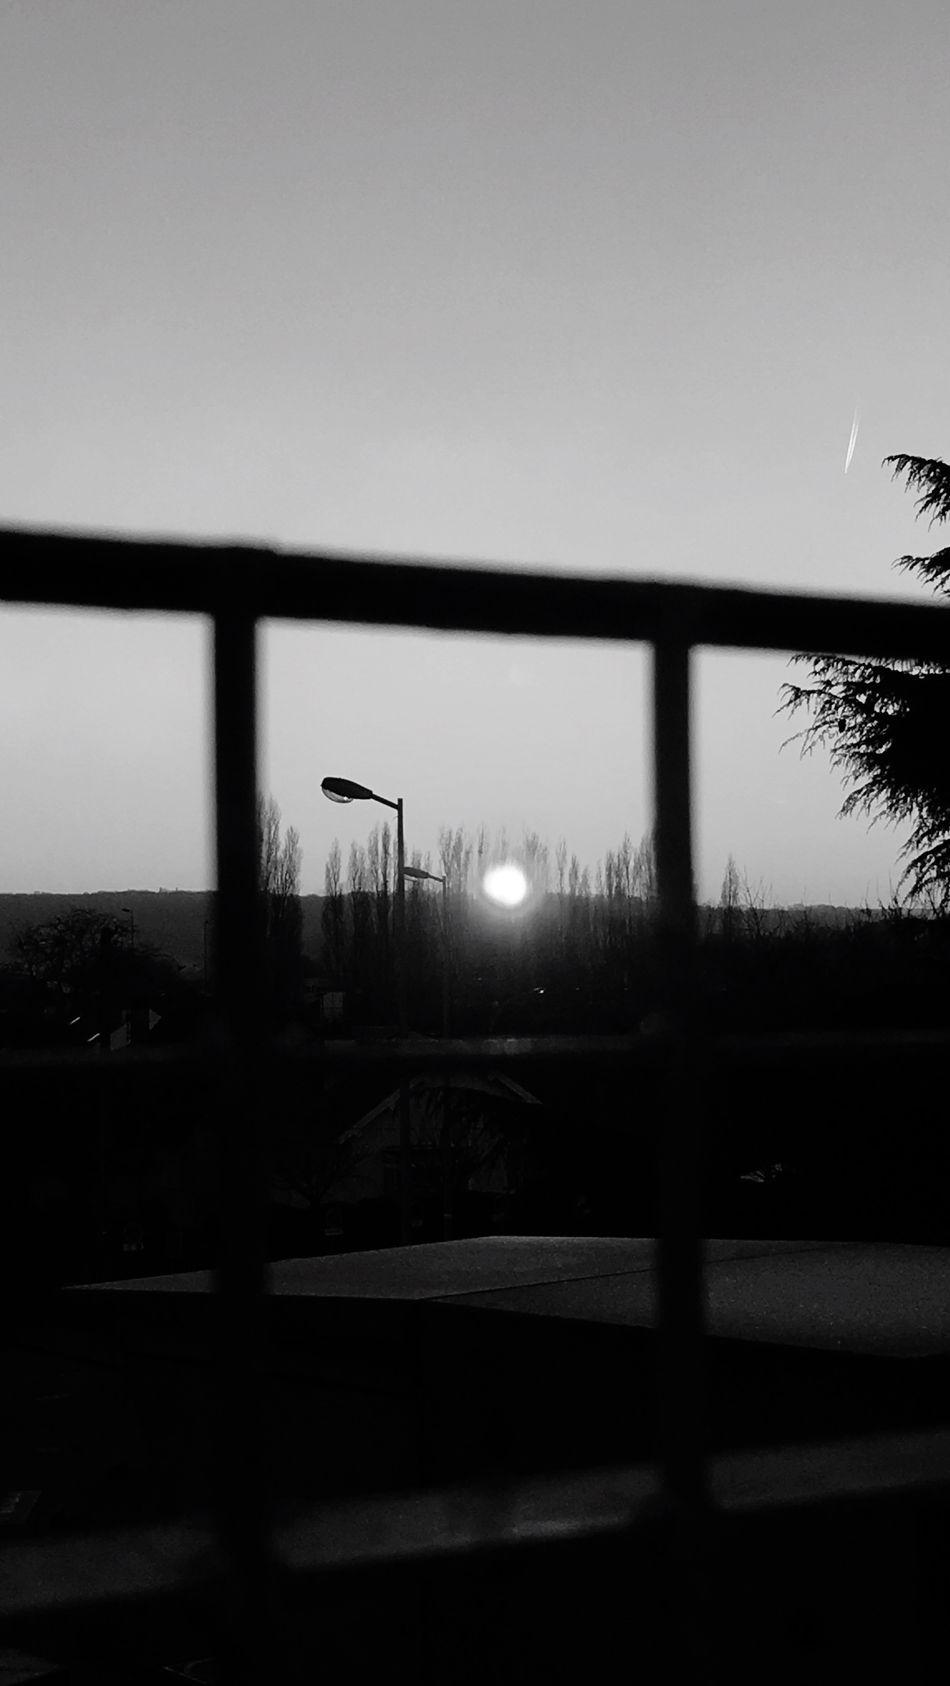 Je ne connais de regard plus transperçant que celui du soleil Sky Silhouette Sunset Nature Day Black And White Blackandwhite Noiretblanc